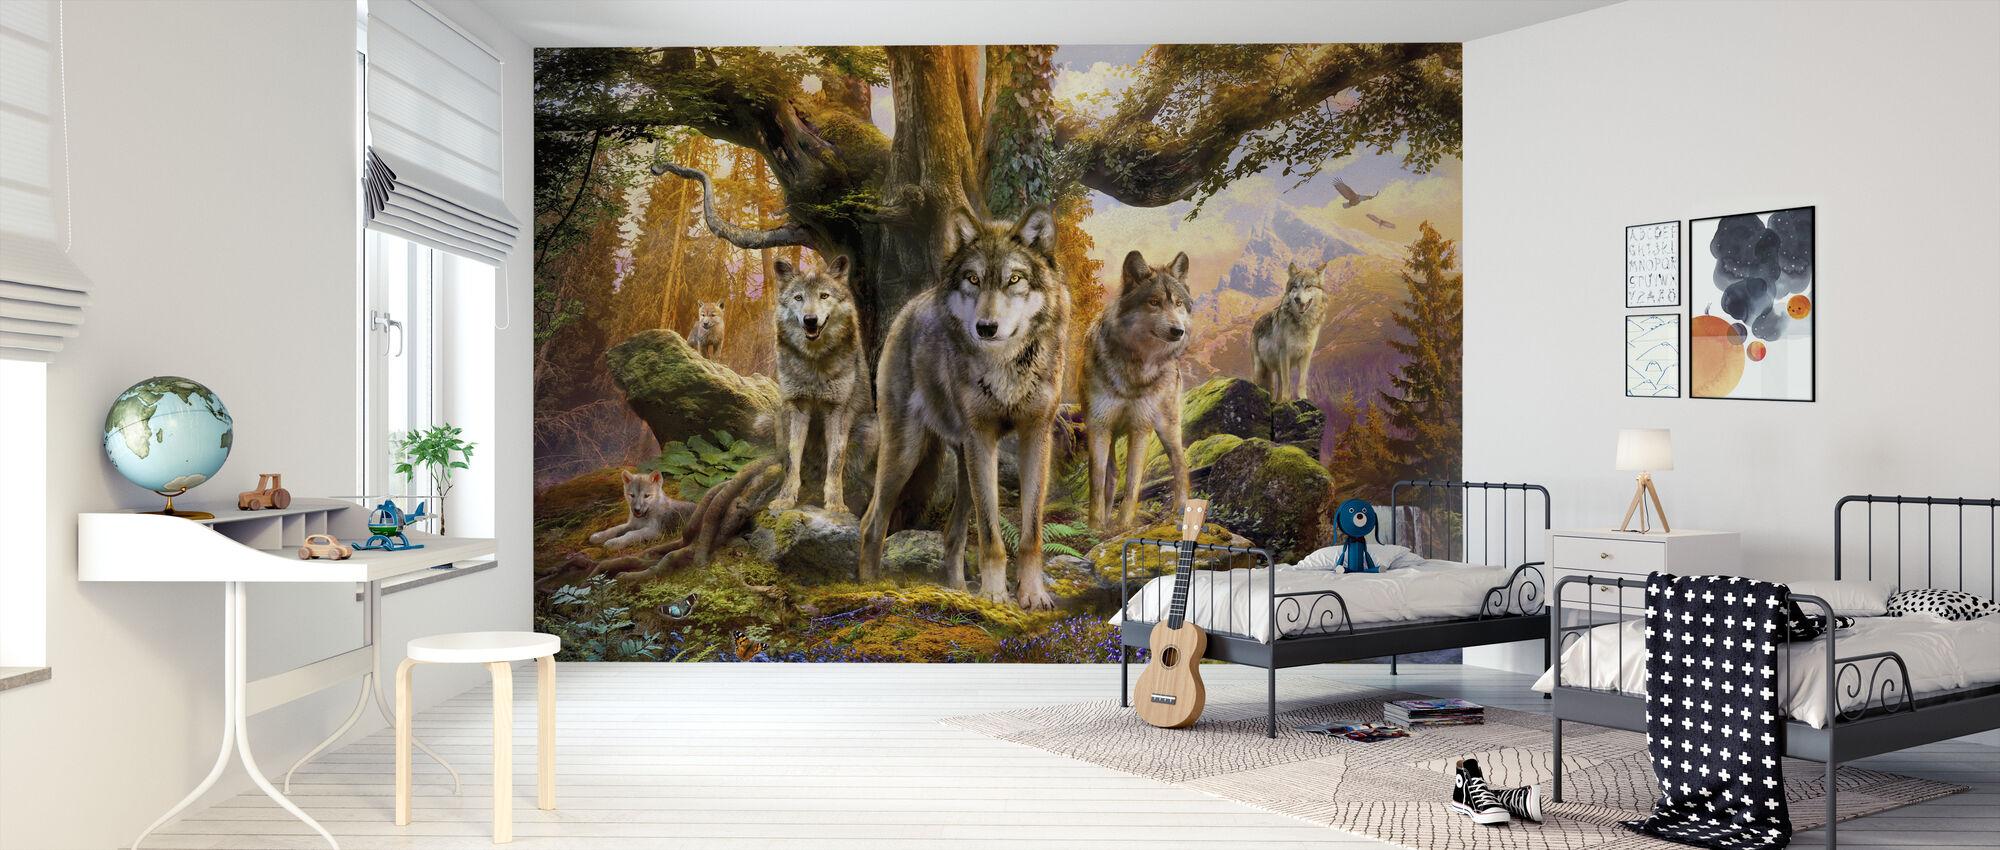 Wolves - Wallpaper - Kids Room